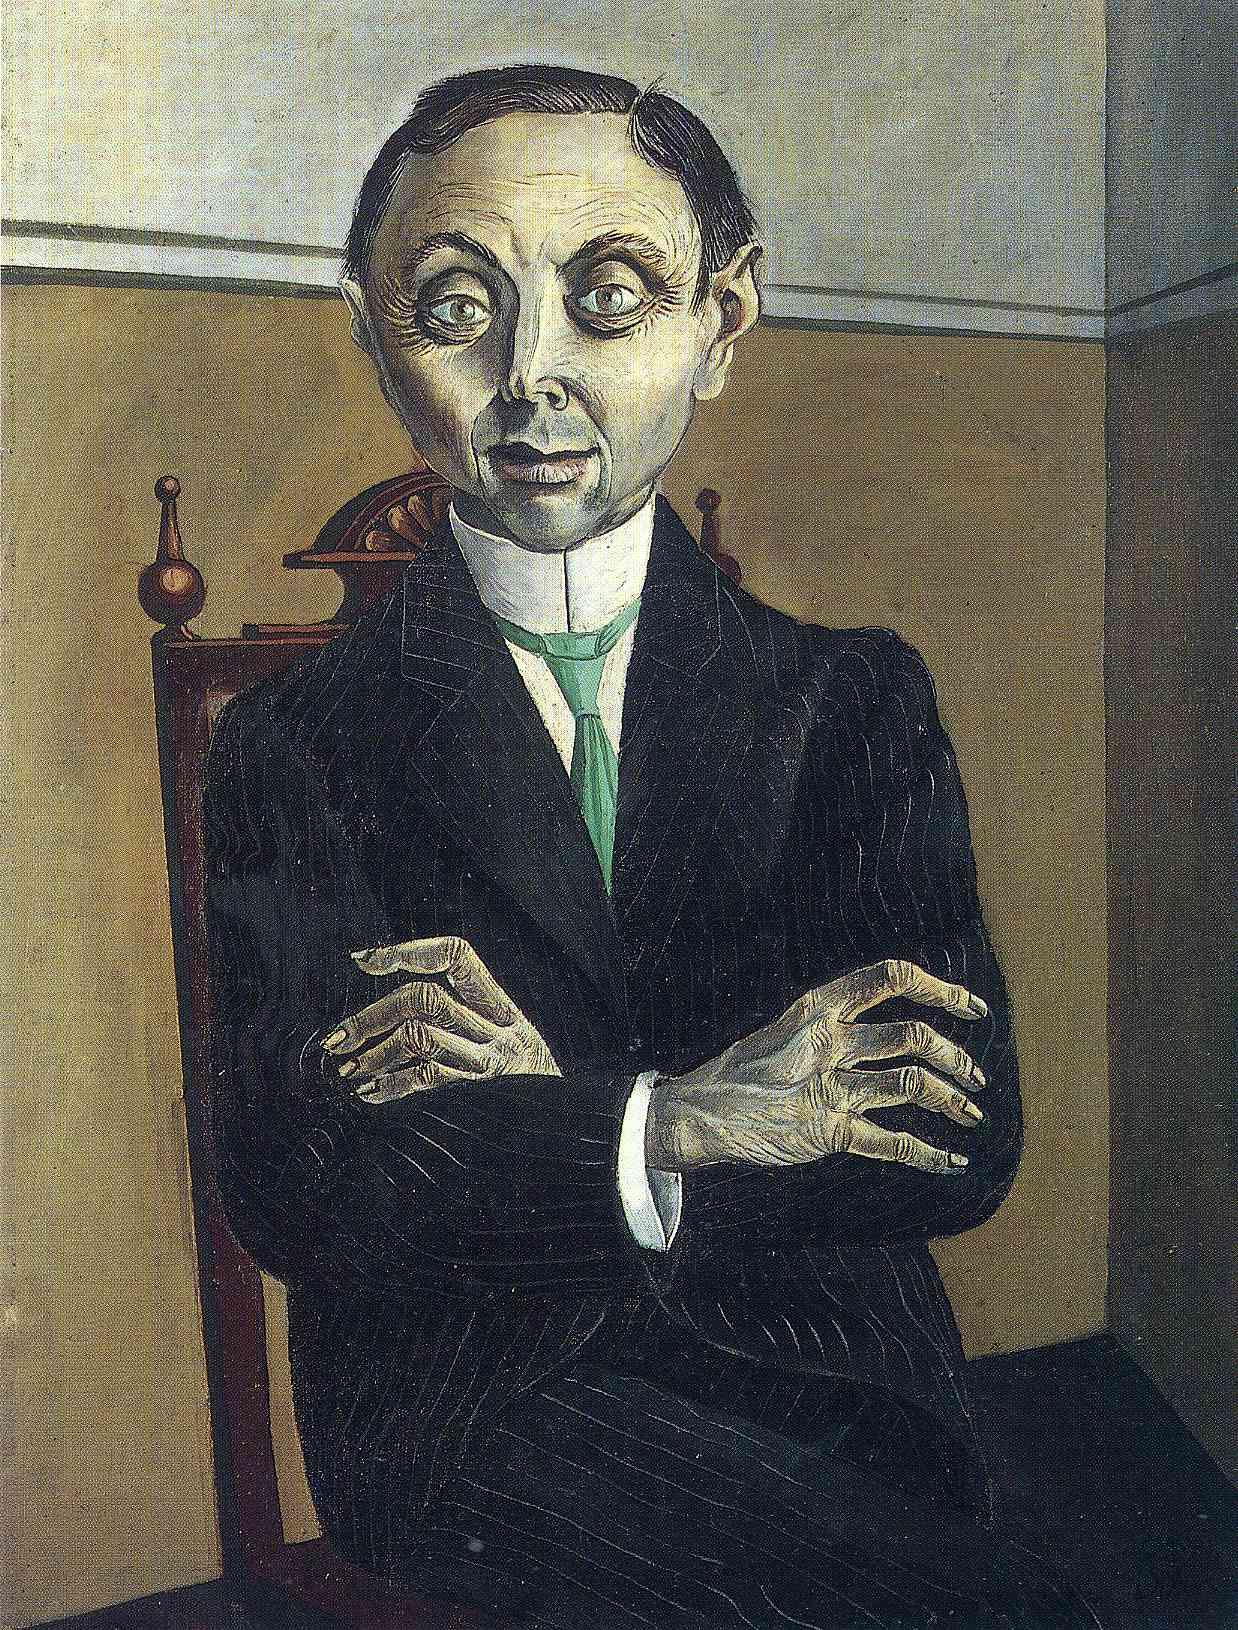 Bien-aimé Portrait of Paul F. Schmidt, 1921 - Otto Dix - WikiArt.org SY36